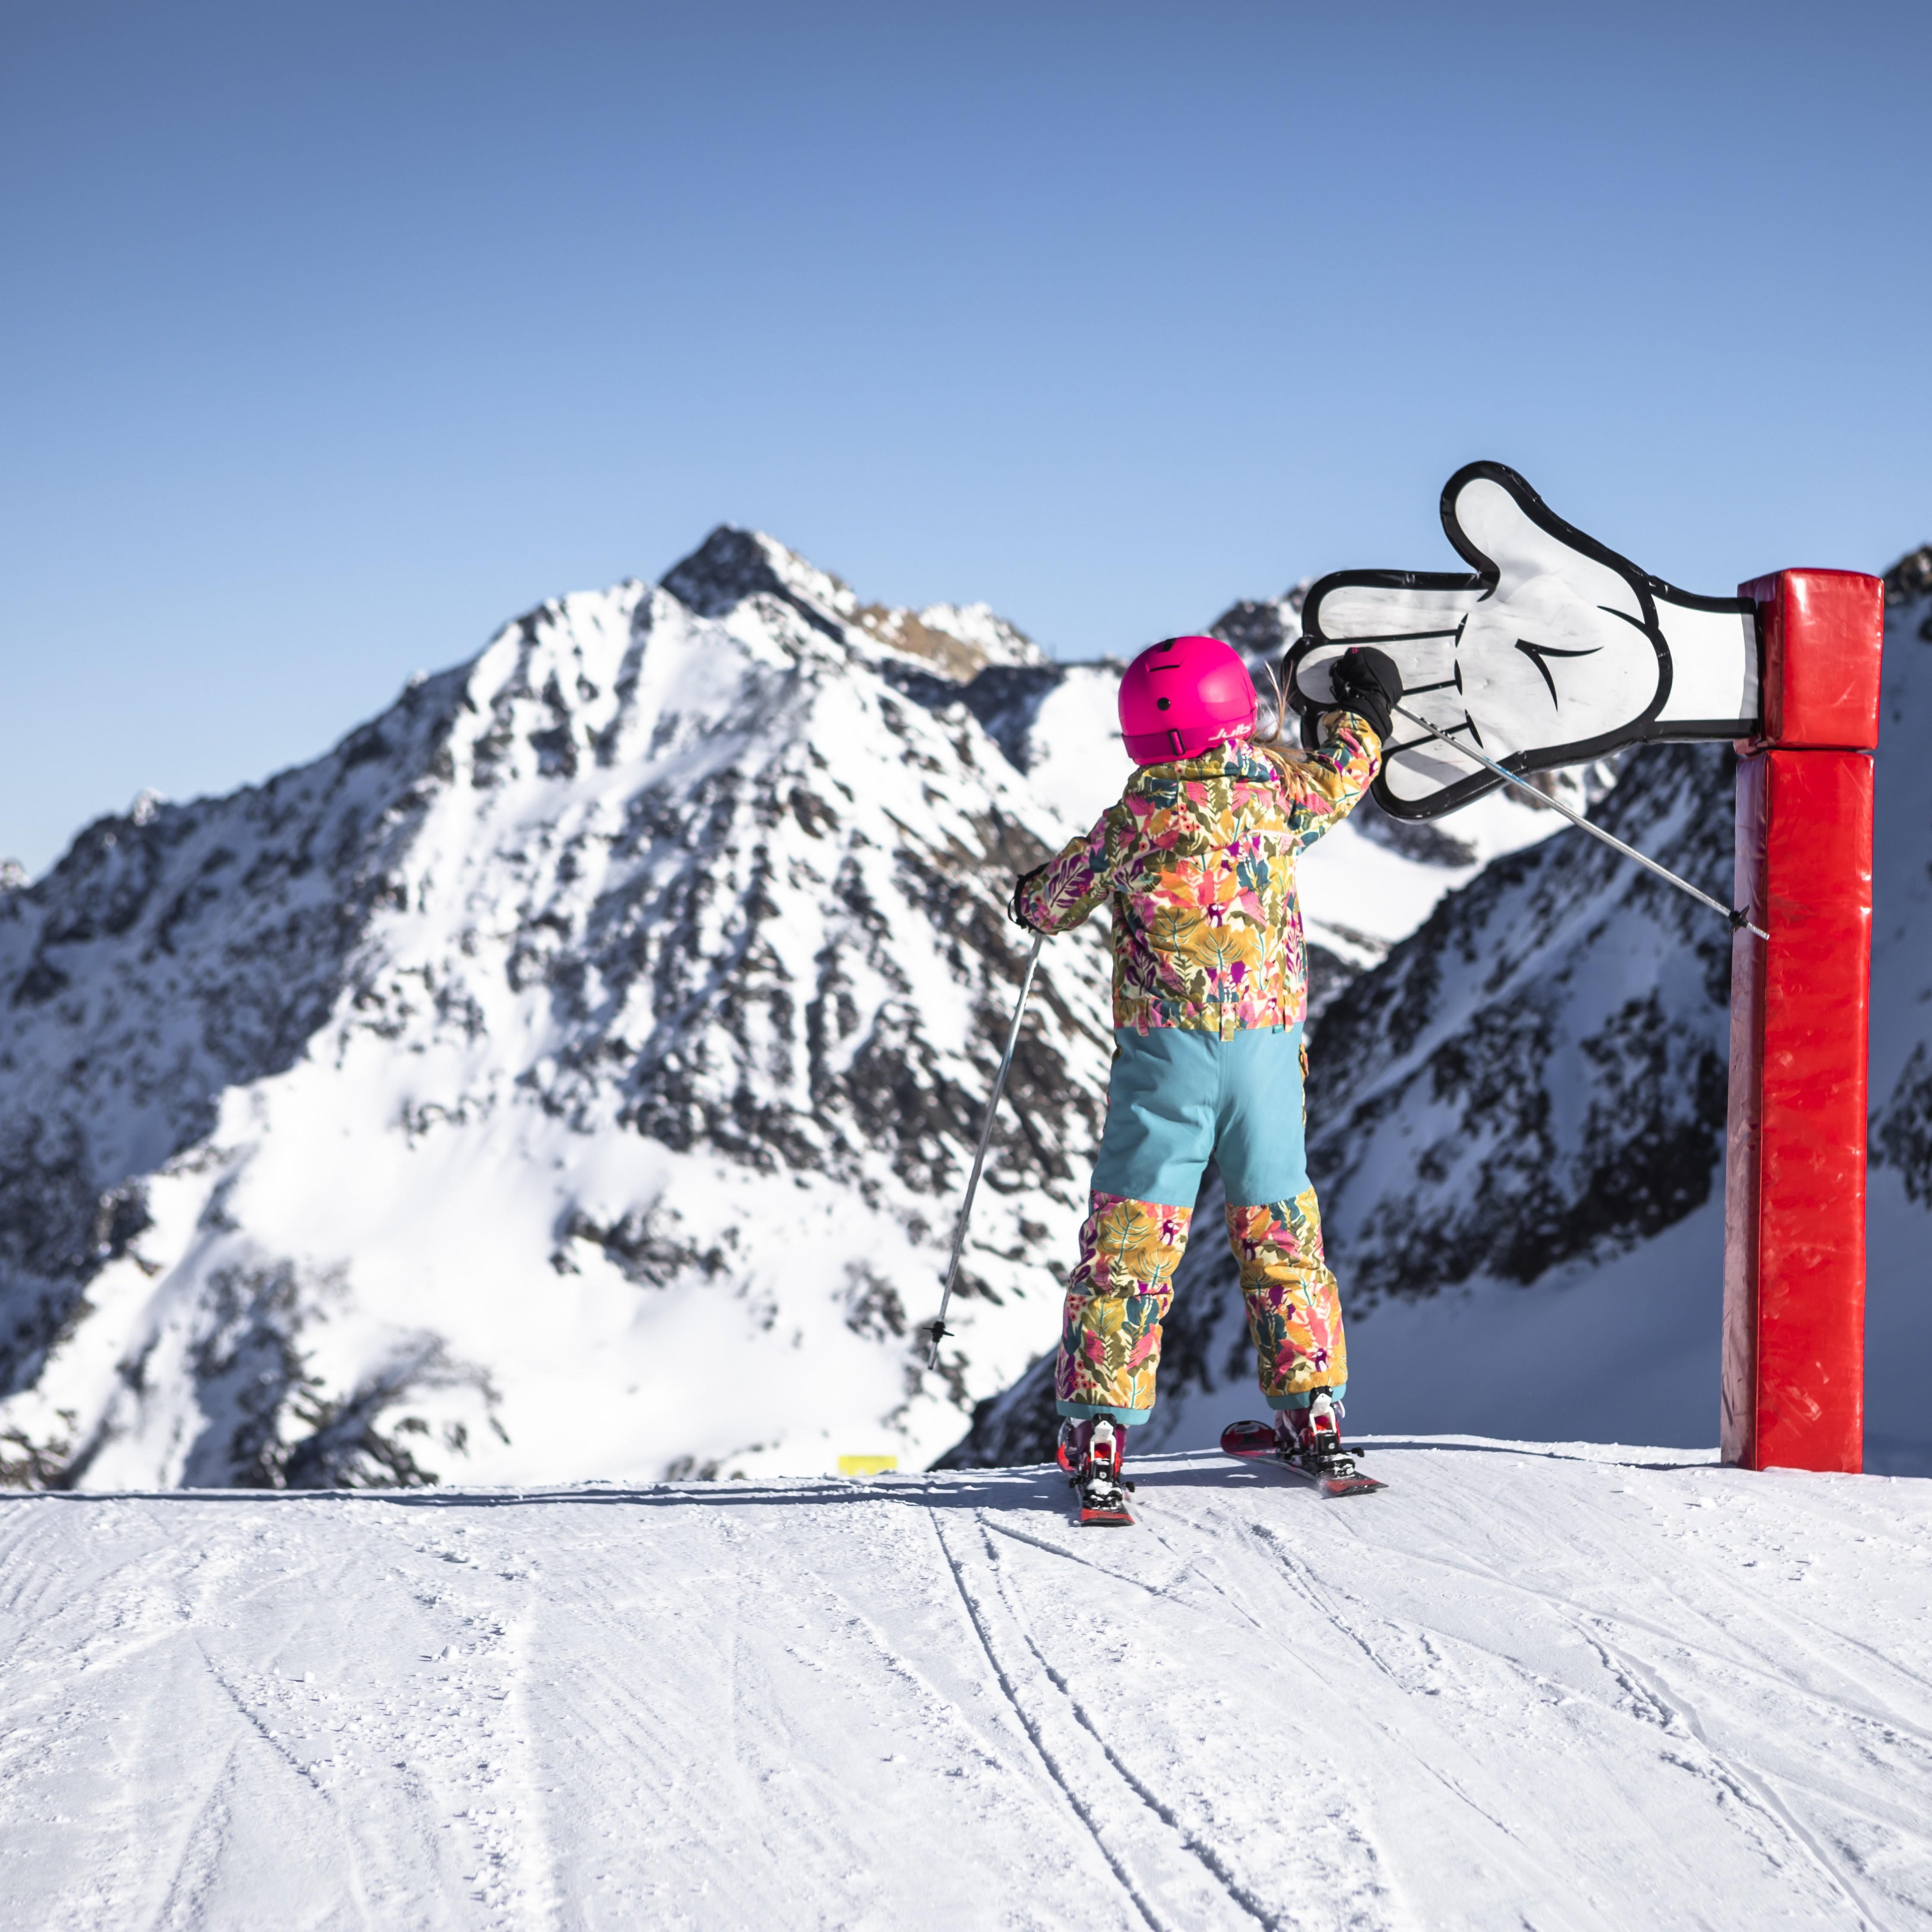 Funpark am Pitztaler Gletscher/Tirol